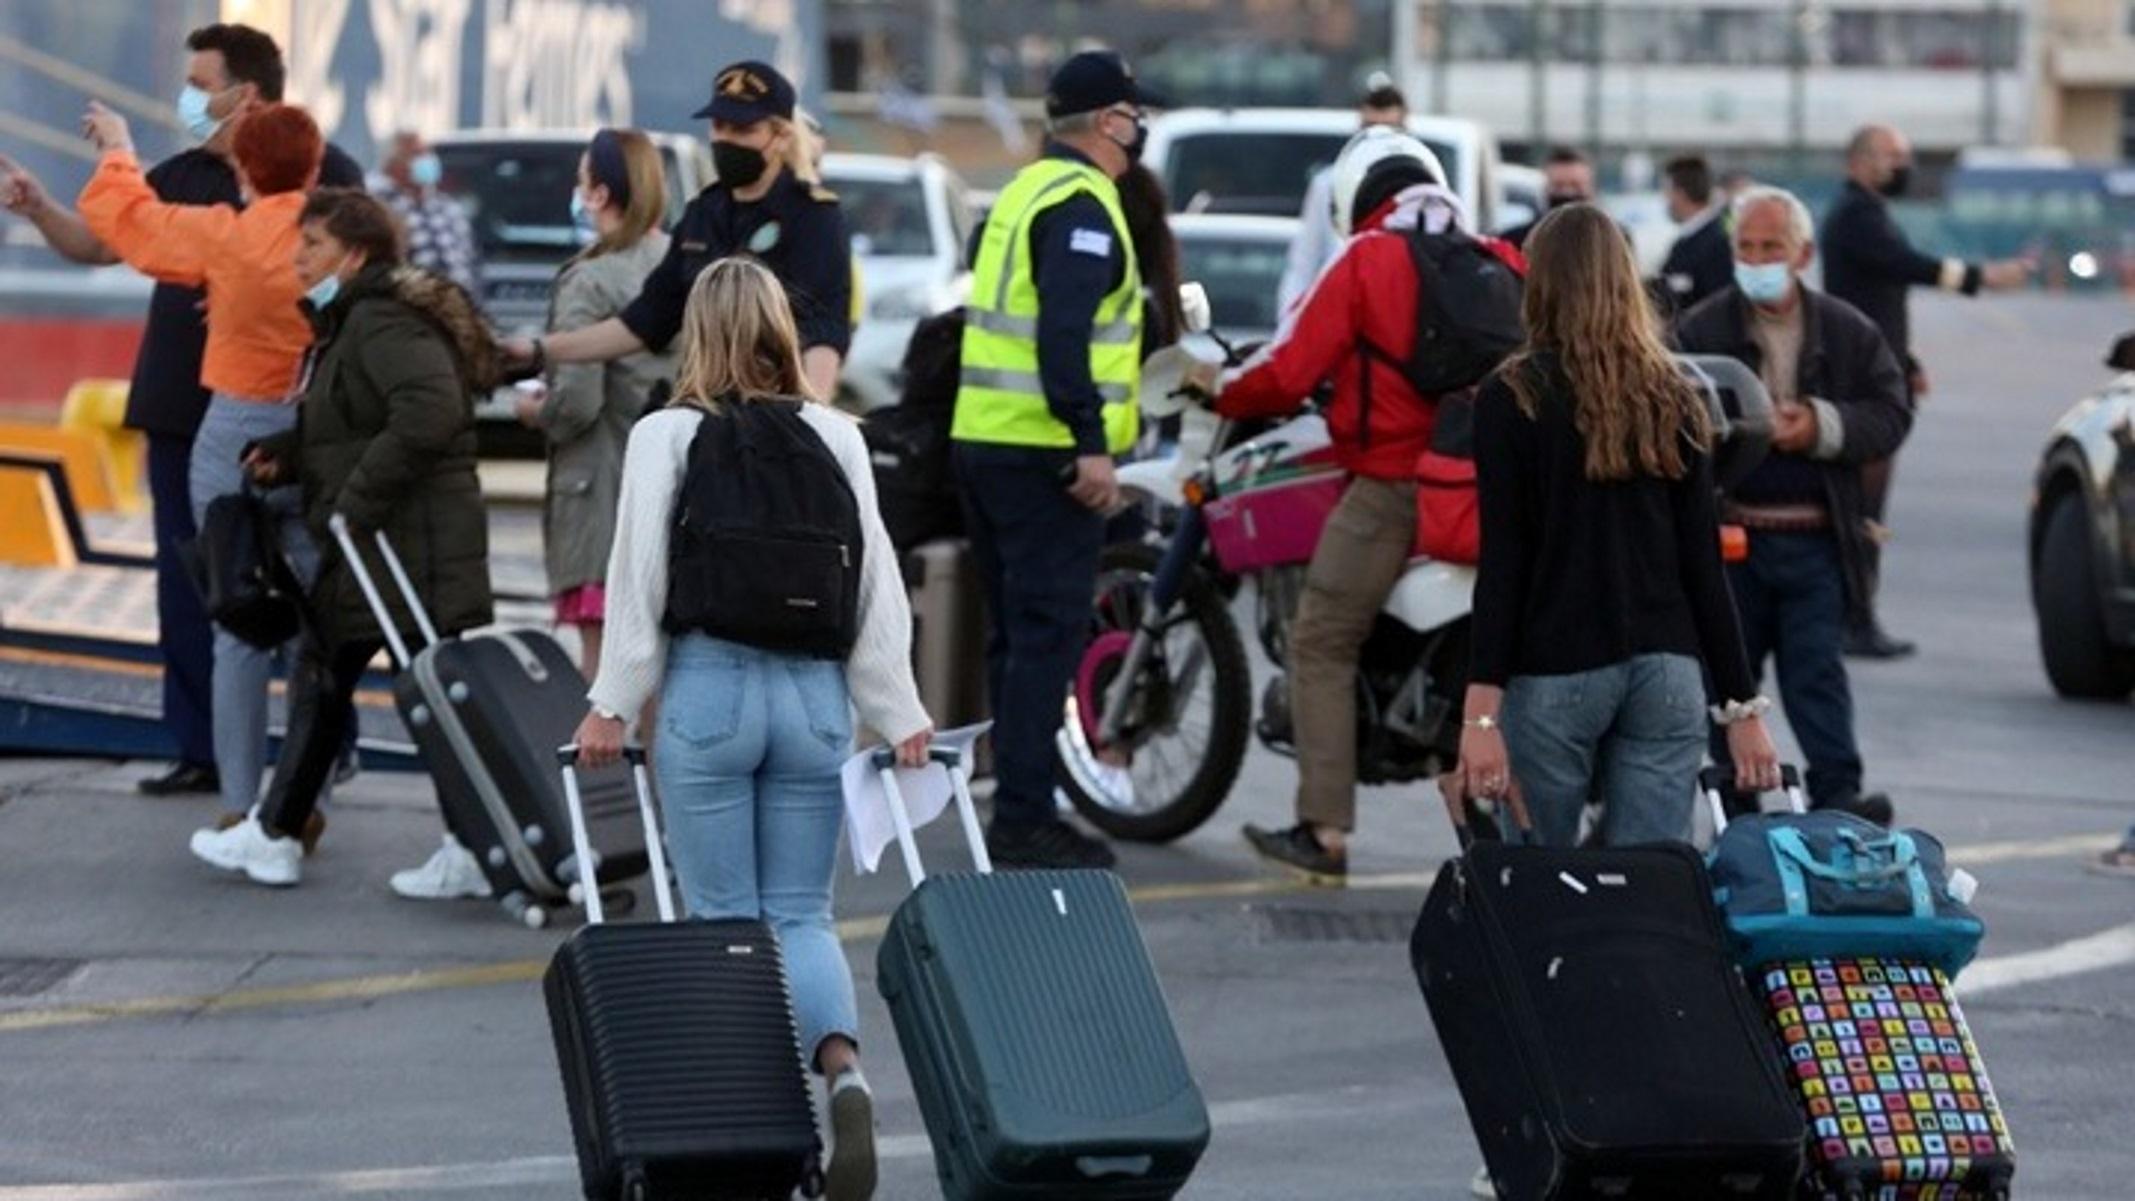 Σποράδες: Μέσα στο πρώτο ταξίδι από Θεσσαλονίκη – Ουρές στο λιμάνι και αναχώρηση με μεγάλη πληρότητα